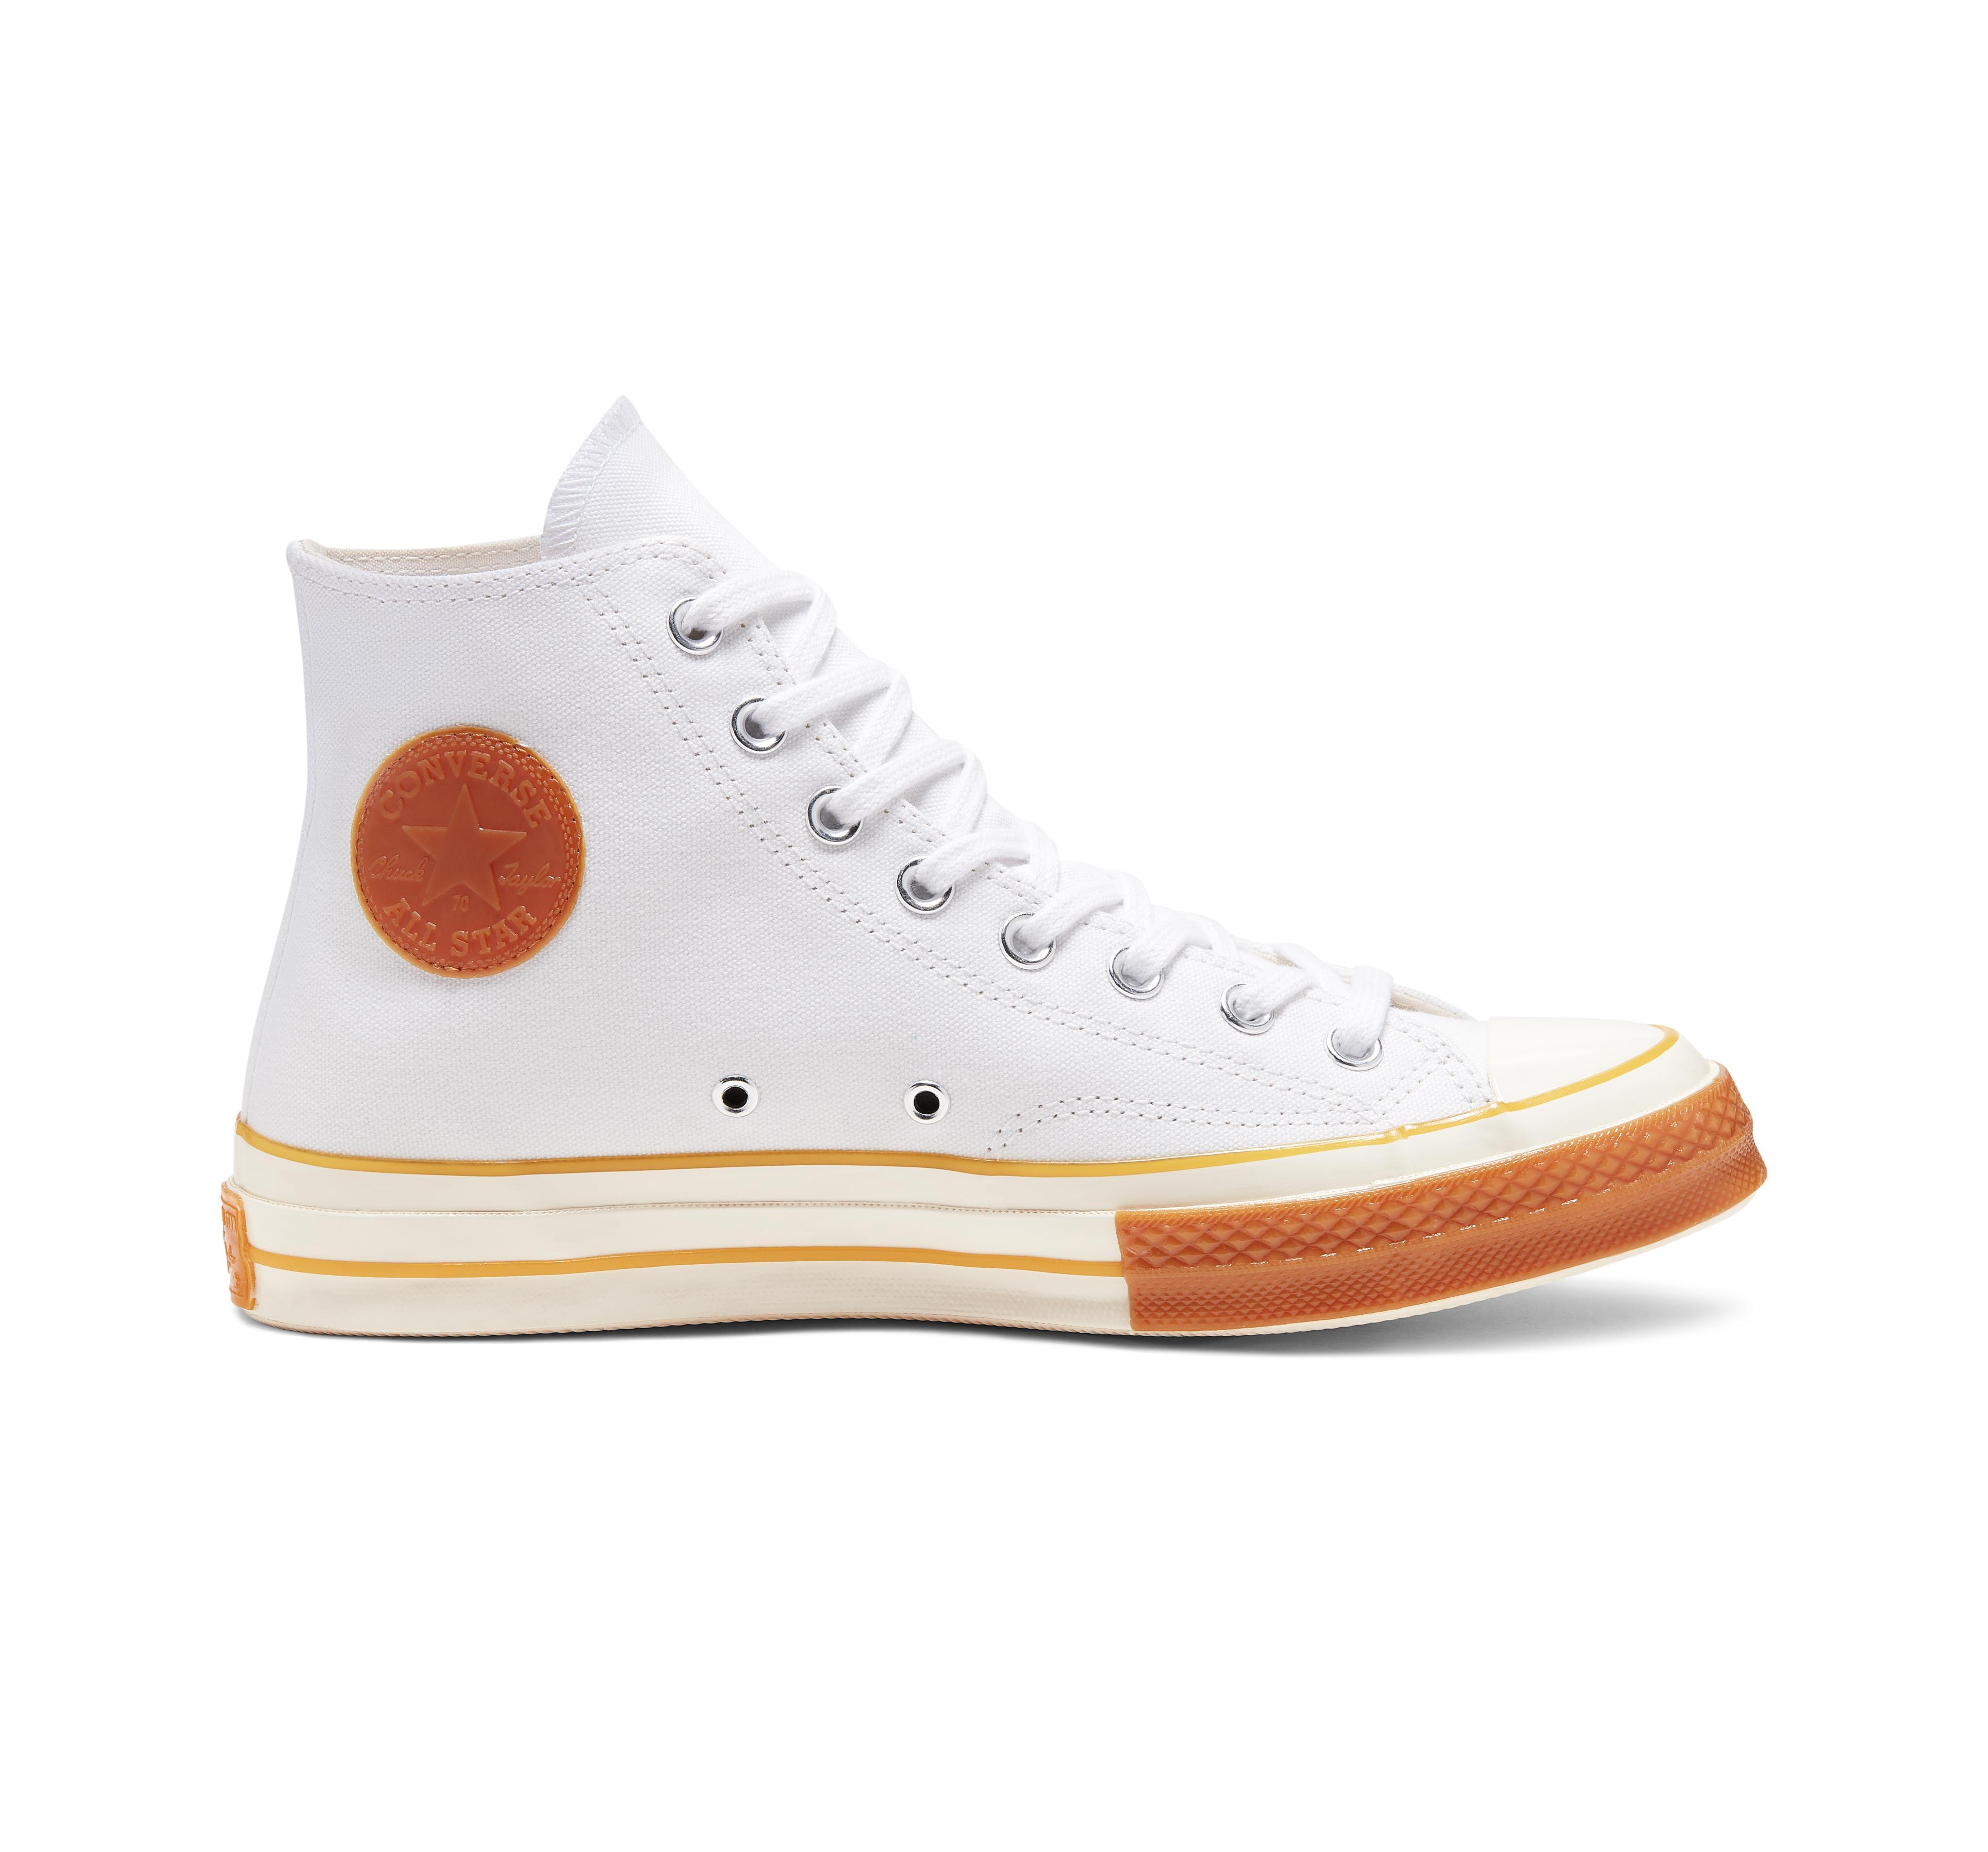 Converse Rubber Chuck 70 Pop Toe High